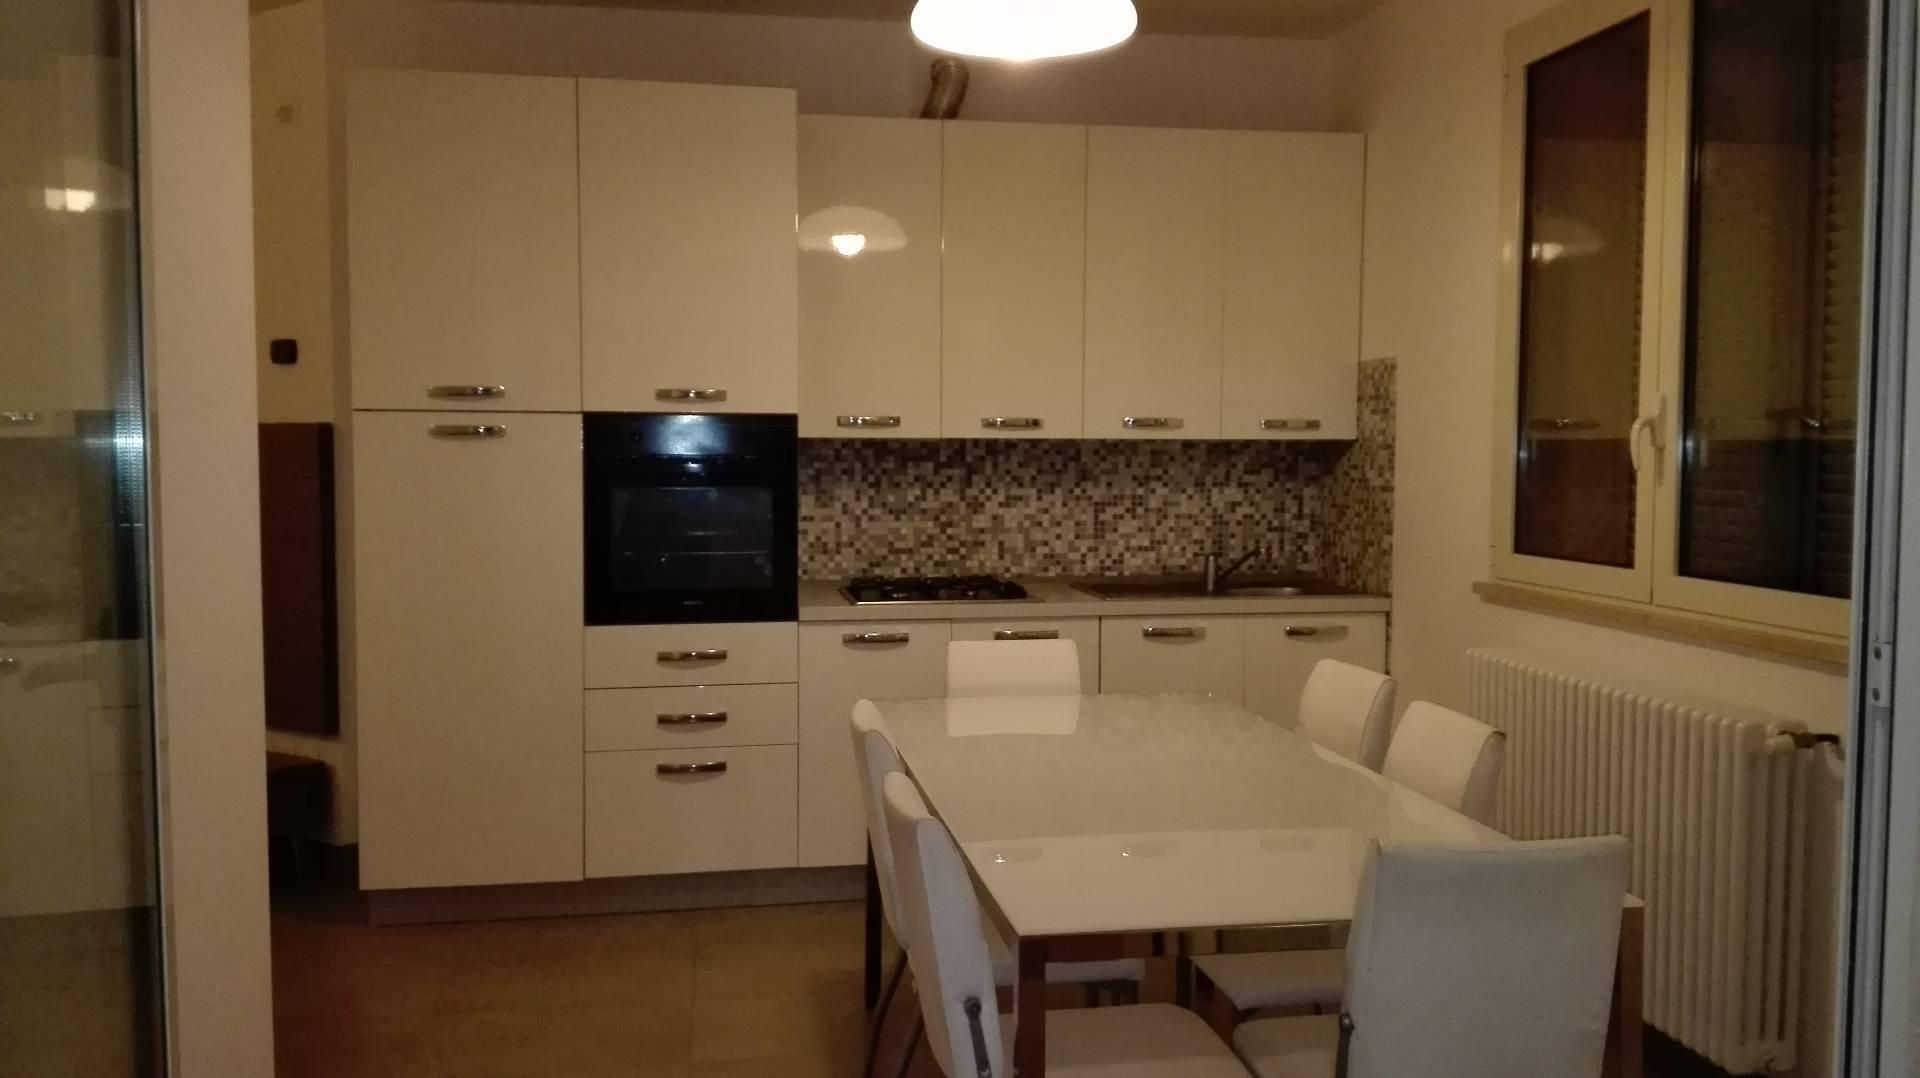 Appartamento in affitto a Bagnacavallo, 4 locali, prezzo € 550 | Cambio Casa.it